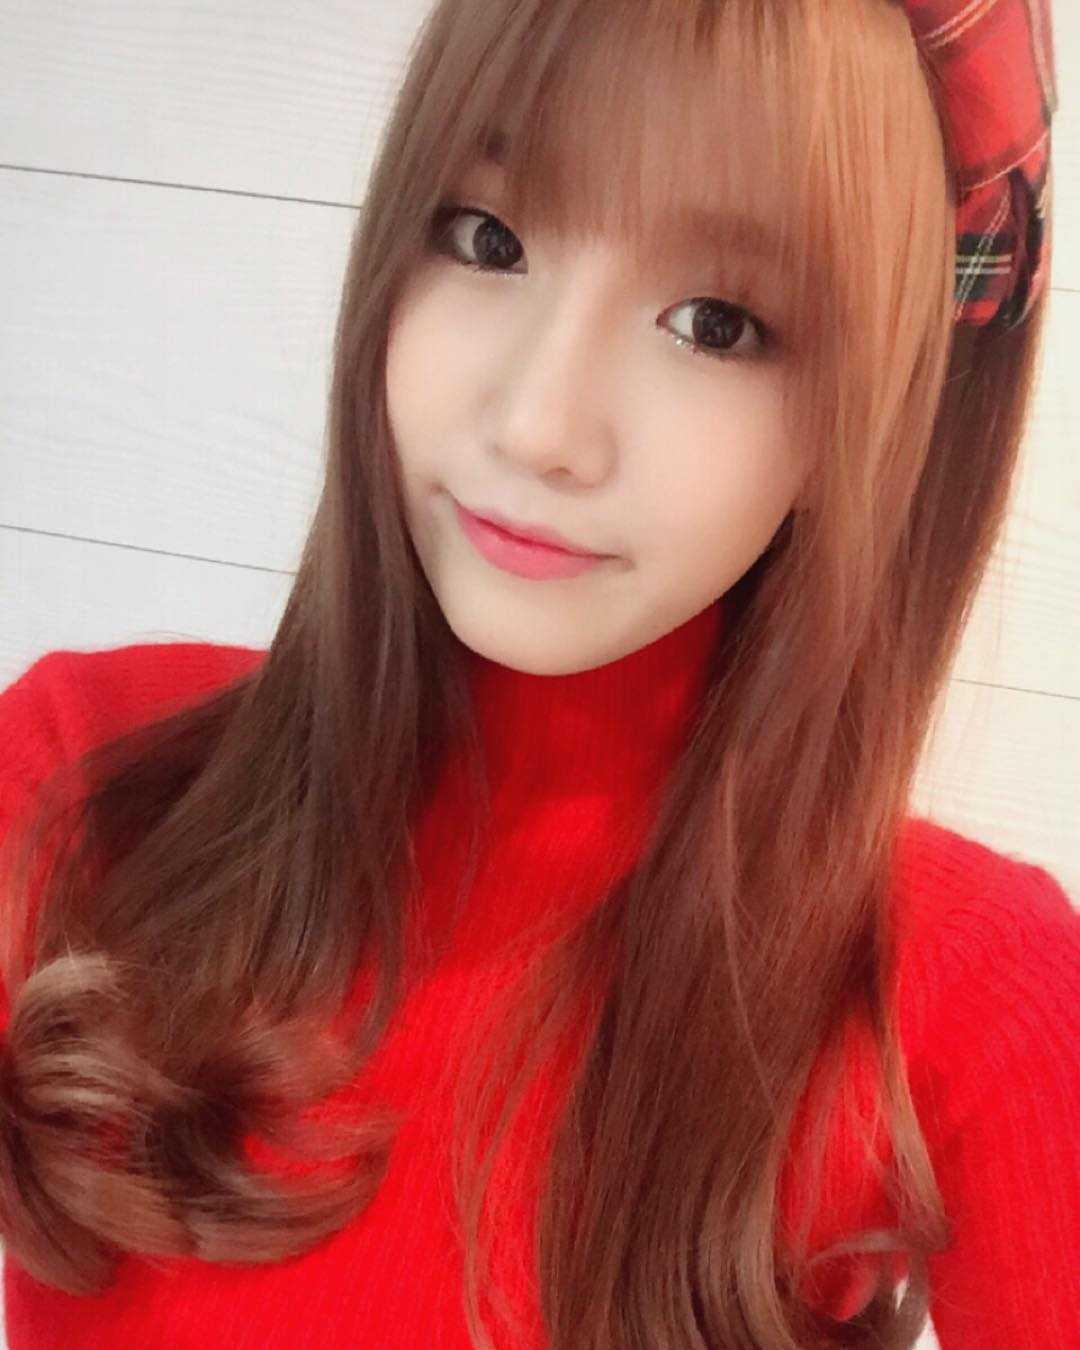 Dawon LUDA Mei Qi  Soo Bin EXY Seol A Xuan Yi Yeoreum Eun Seo Dayoung  Cheng Xiao  BONA 2016 kpop cosmic girls wjsn debut